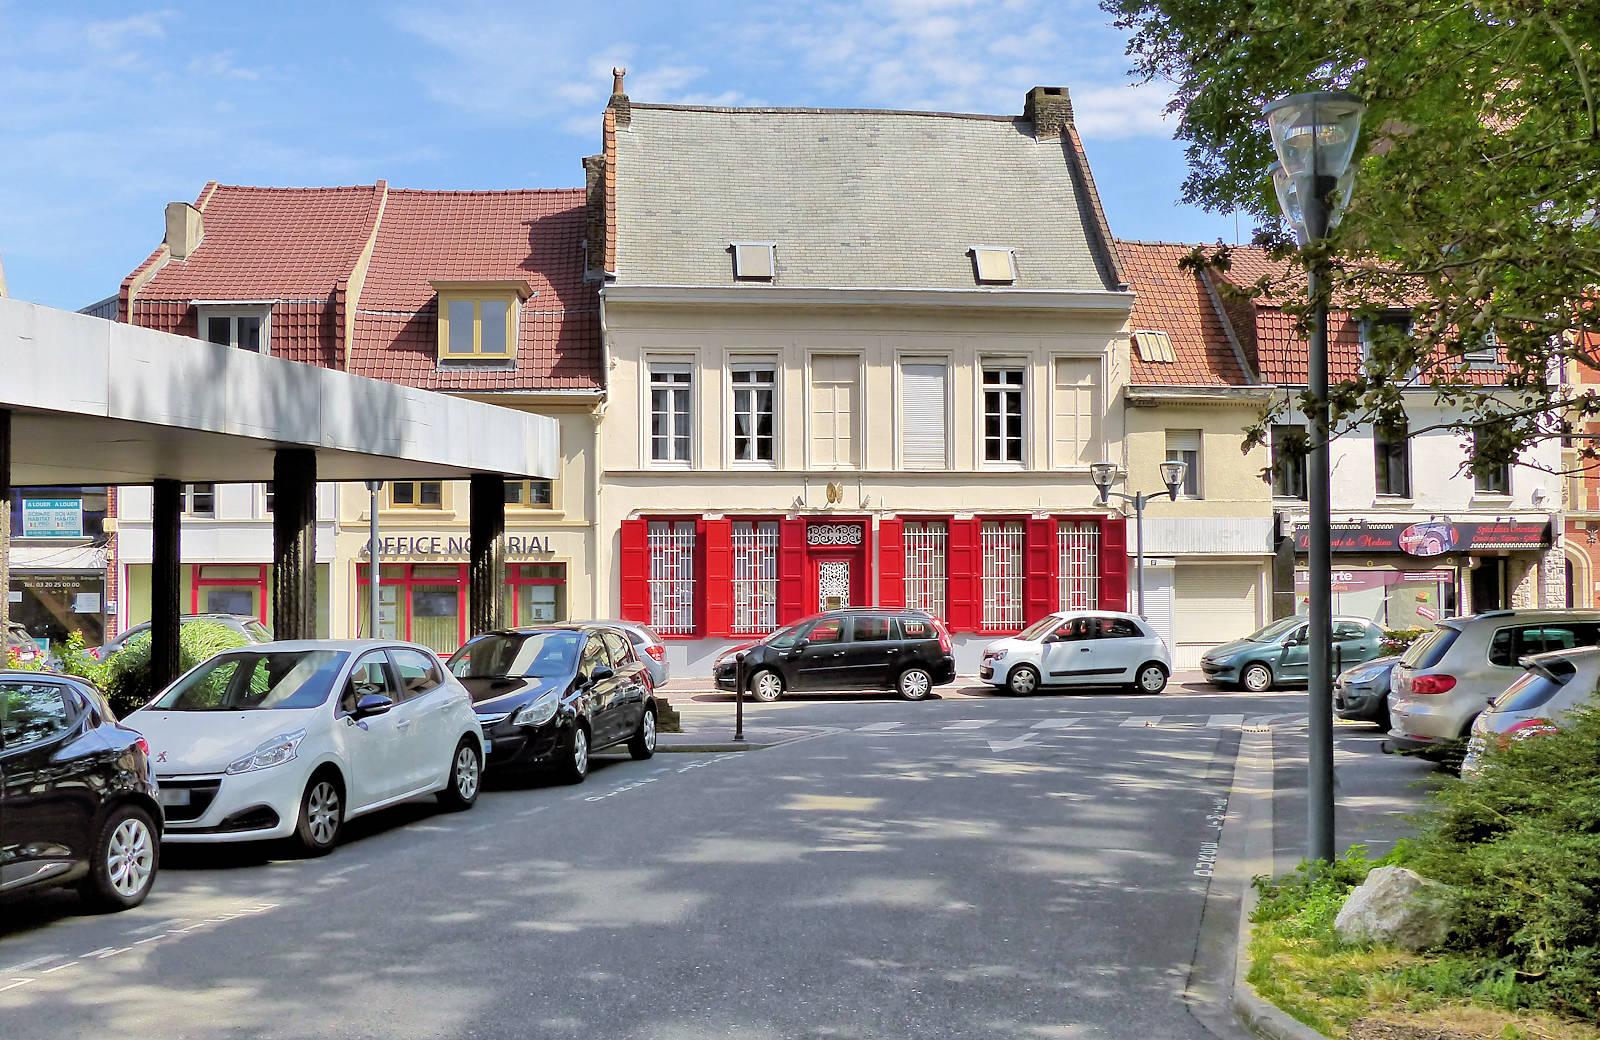 Rue de Tournai, Tourcoing - Notaires Adrover, Huet, Hibon.